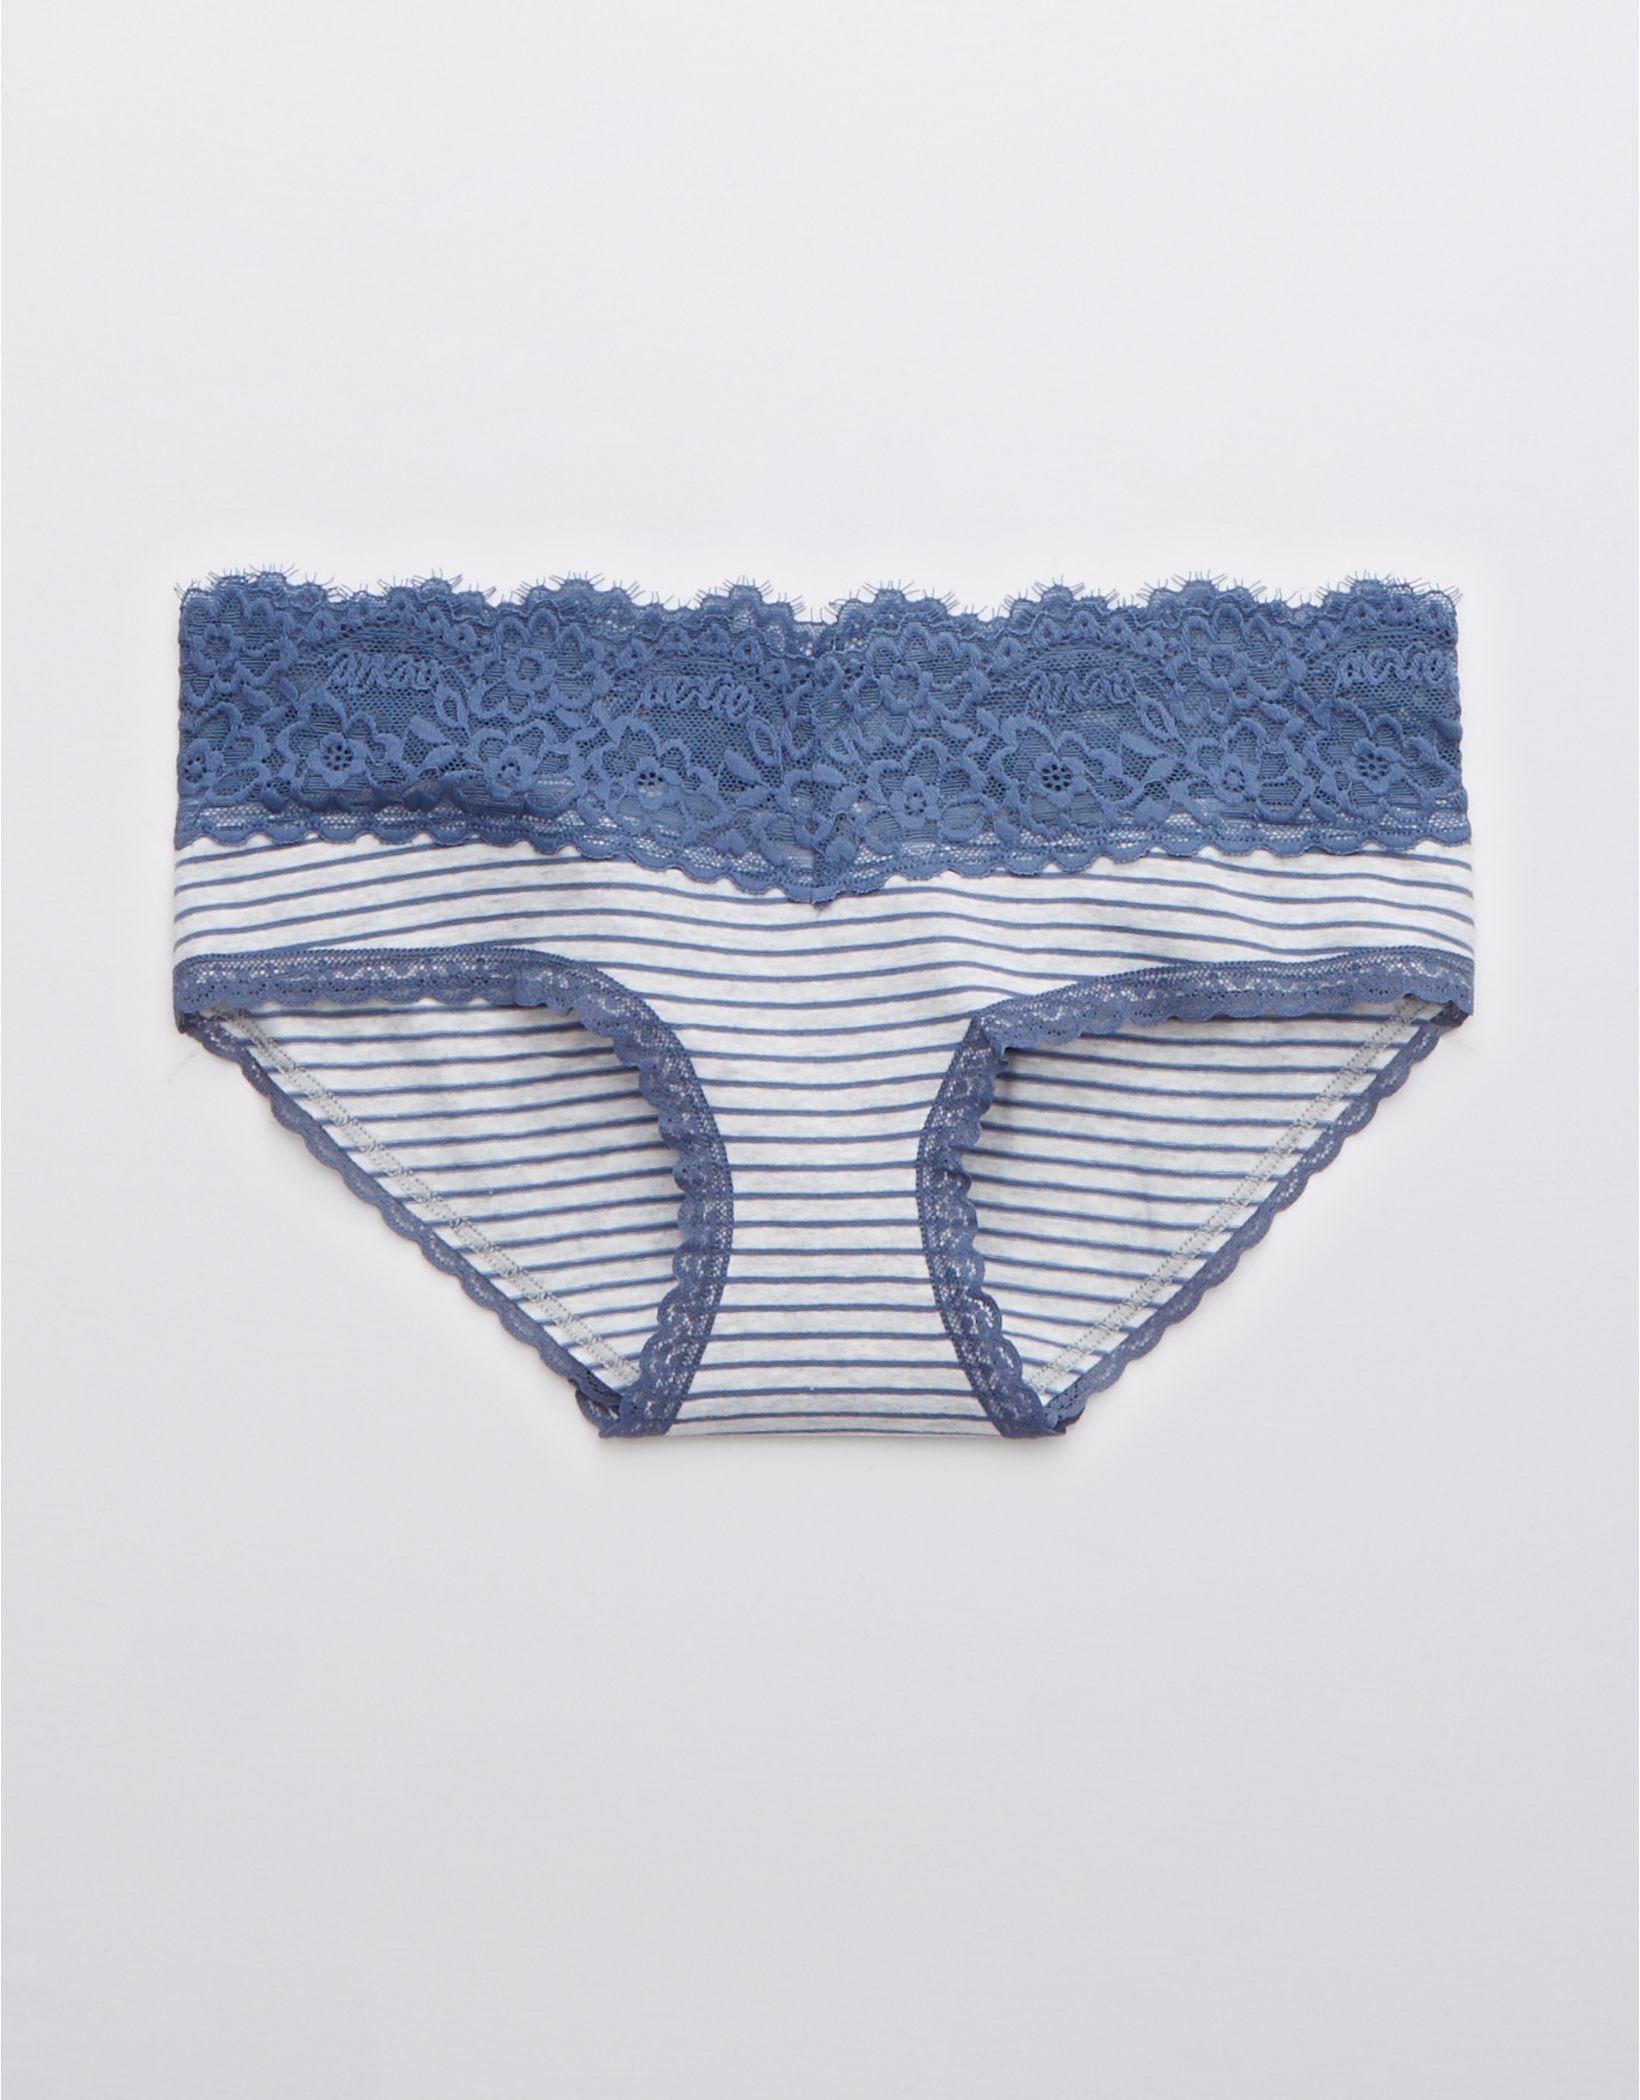 Aerie Cotton Eyelash Lace Striped Boybrief Underwear